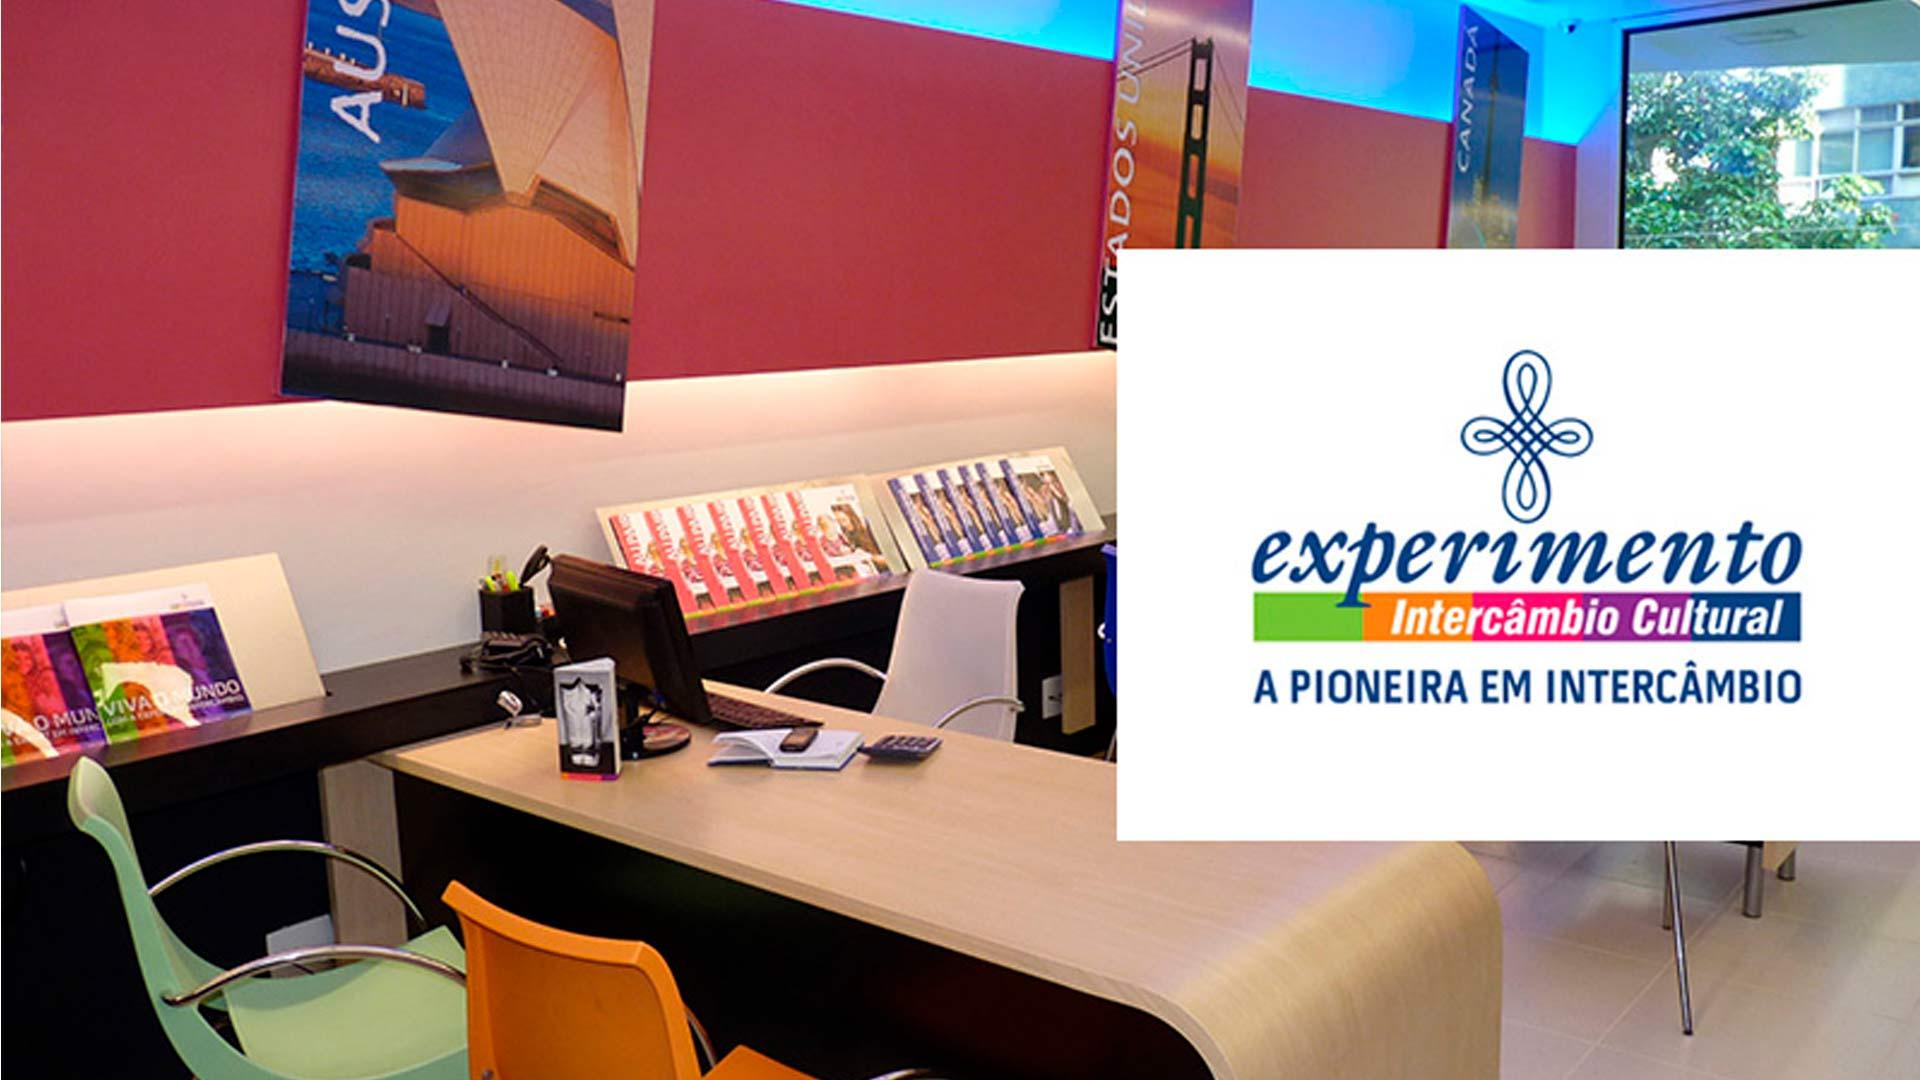 Experimento é uma das melhores agências de intercâmbio do Brasil